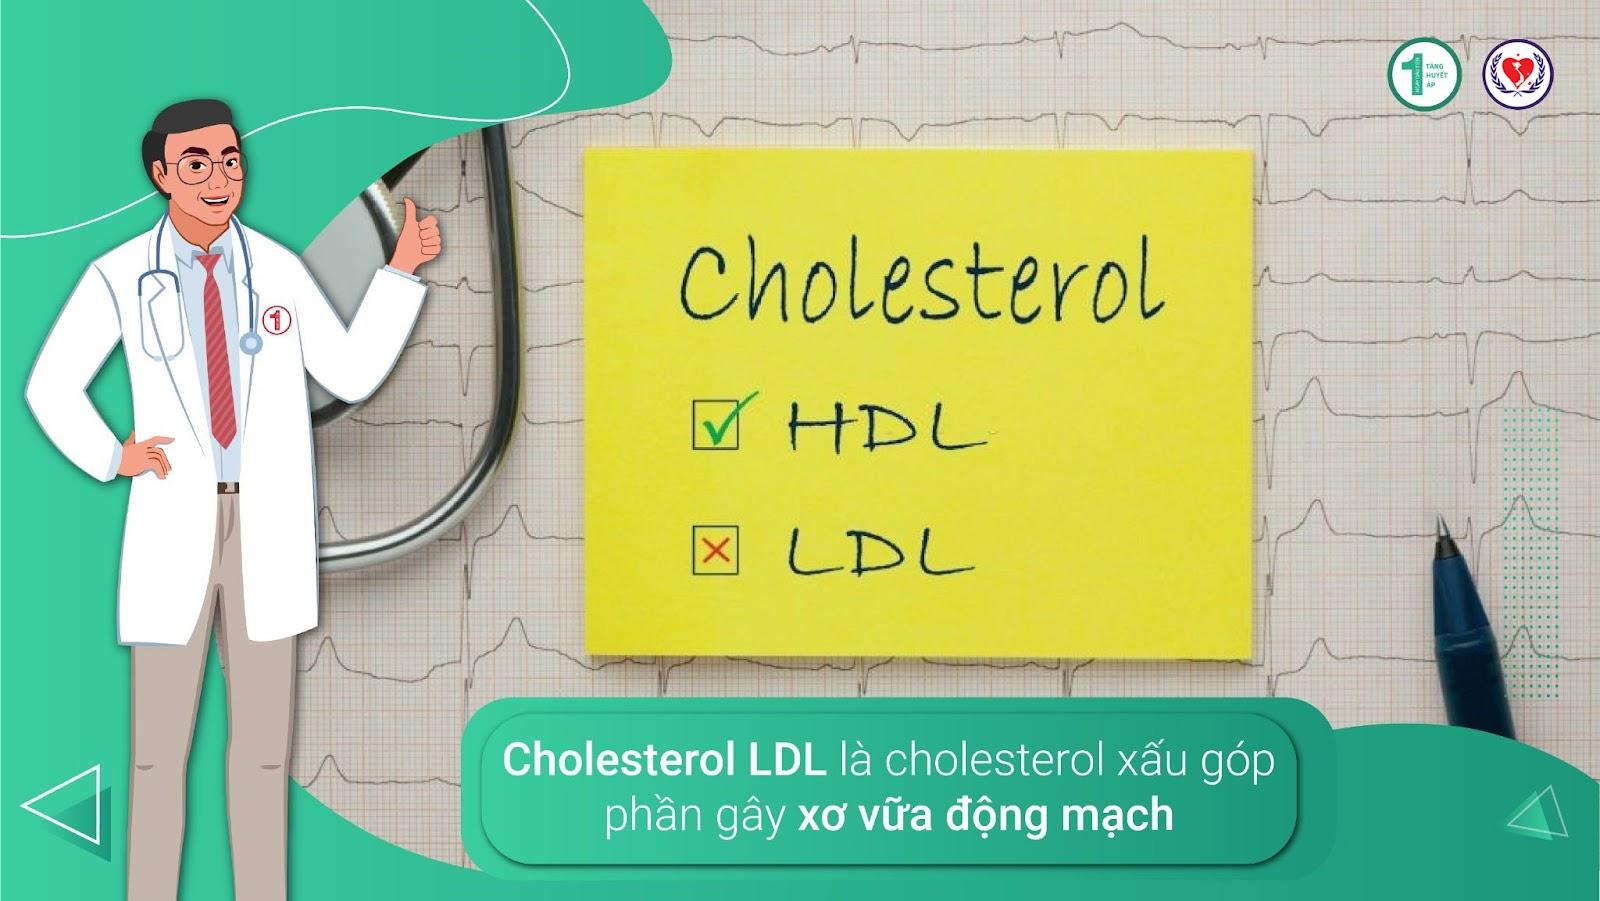 Tăng huyết áp và Cholesterol làm tăng nguy cơ suy tim 2